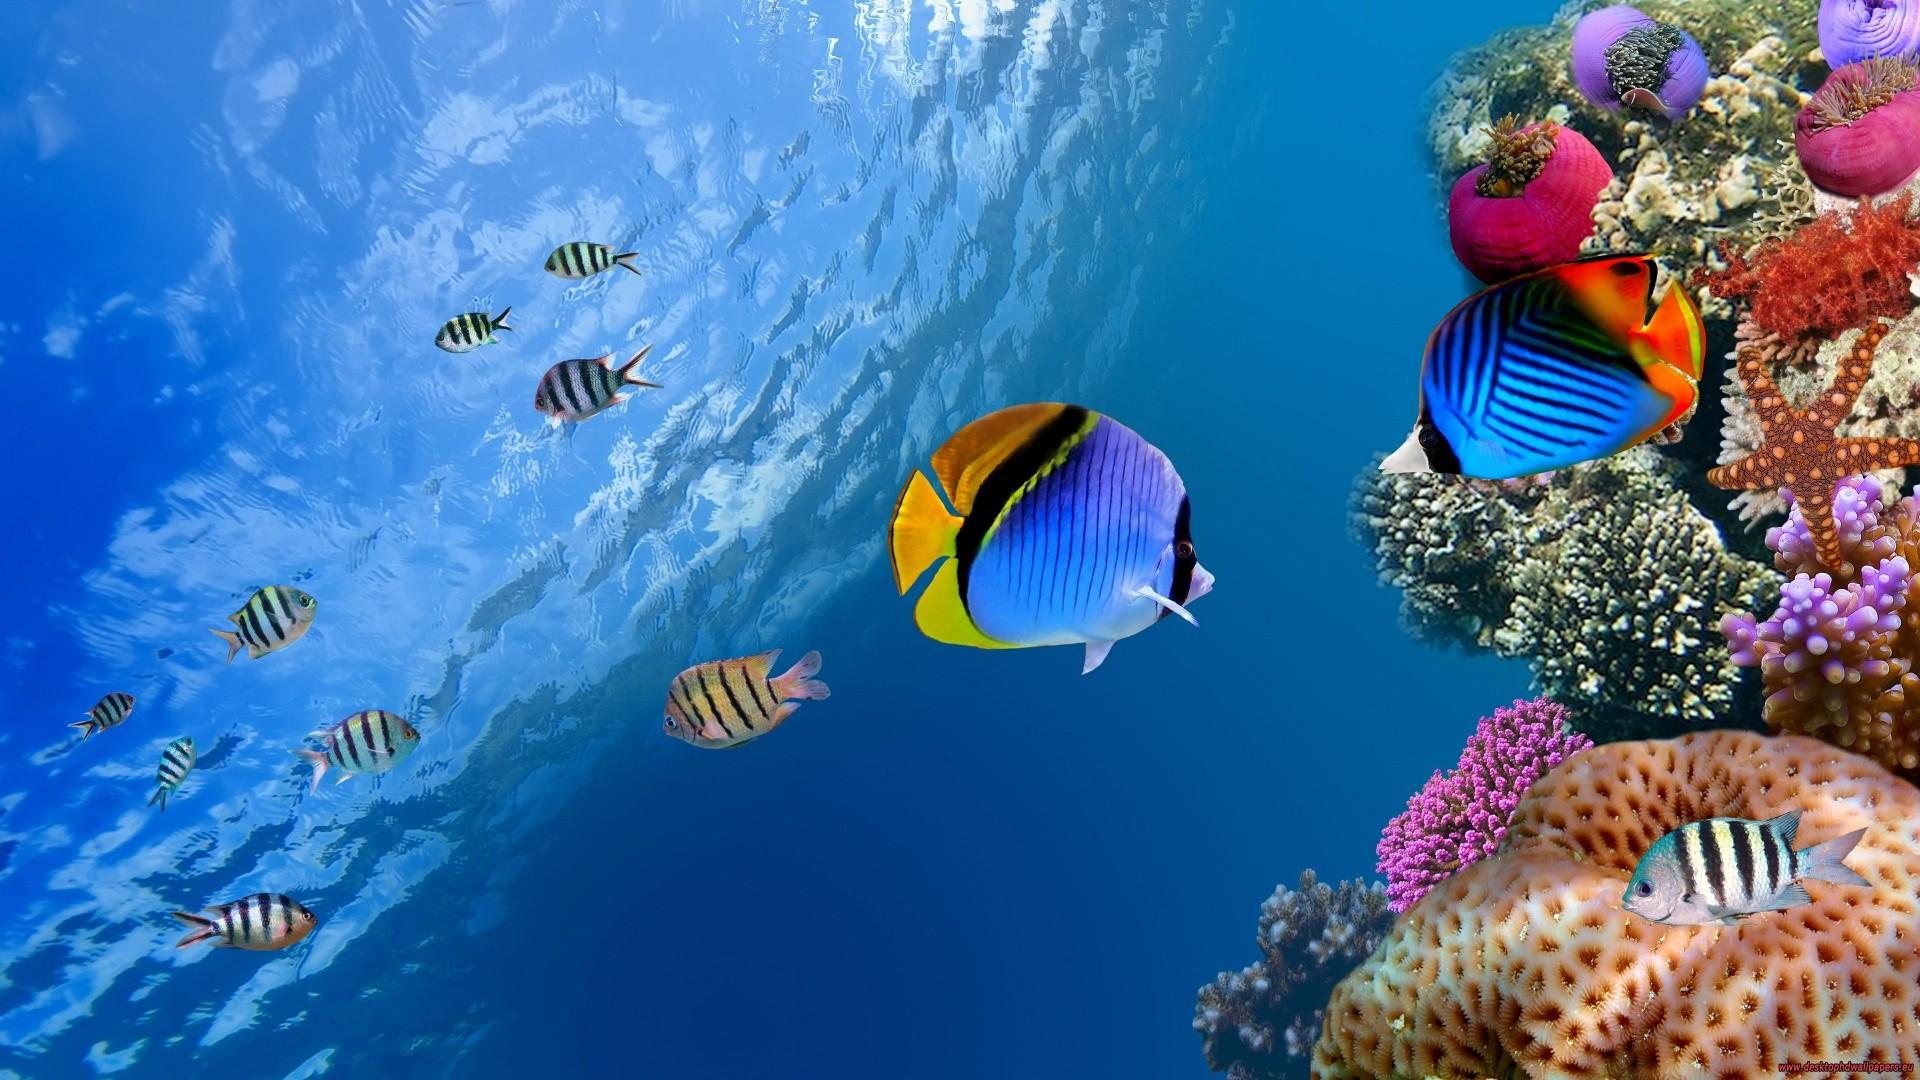 что такое бейдж барьерный риф мужчина наденет